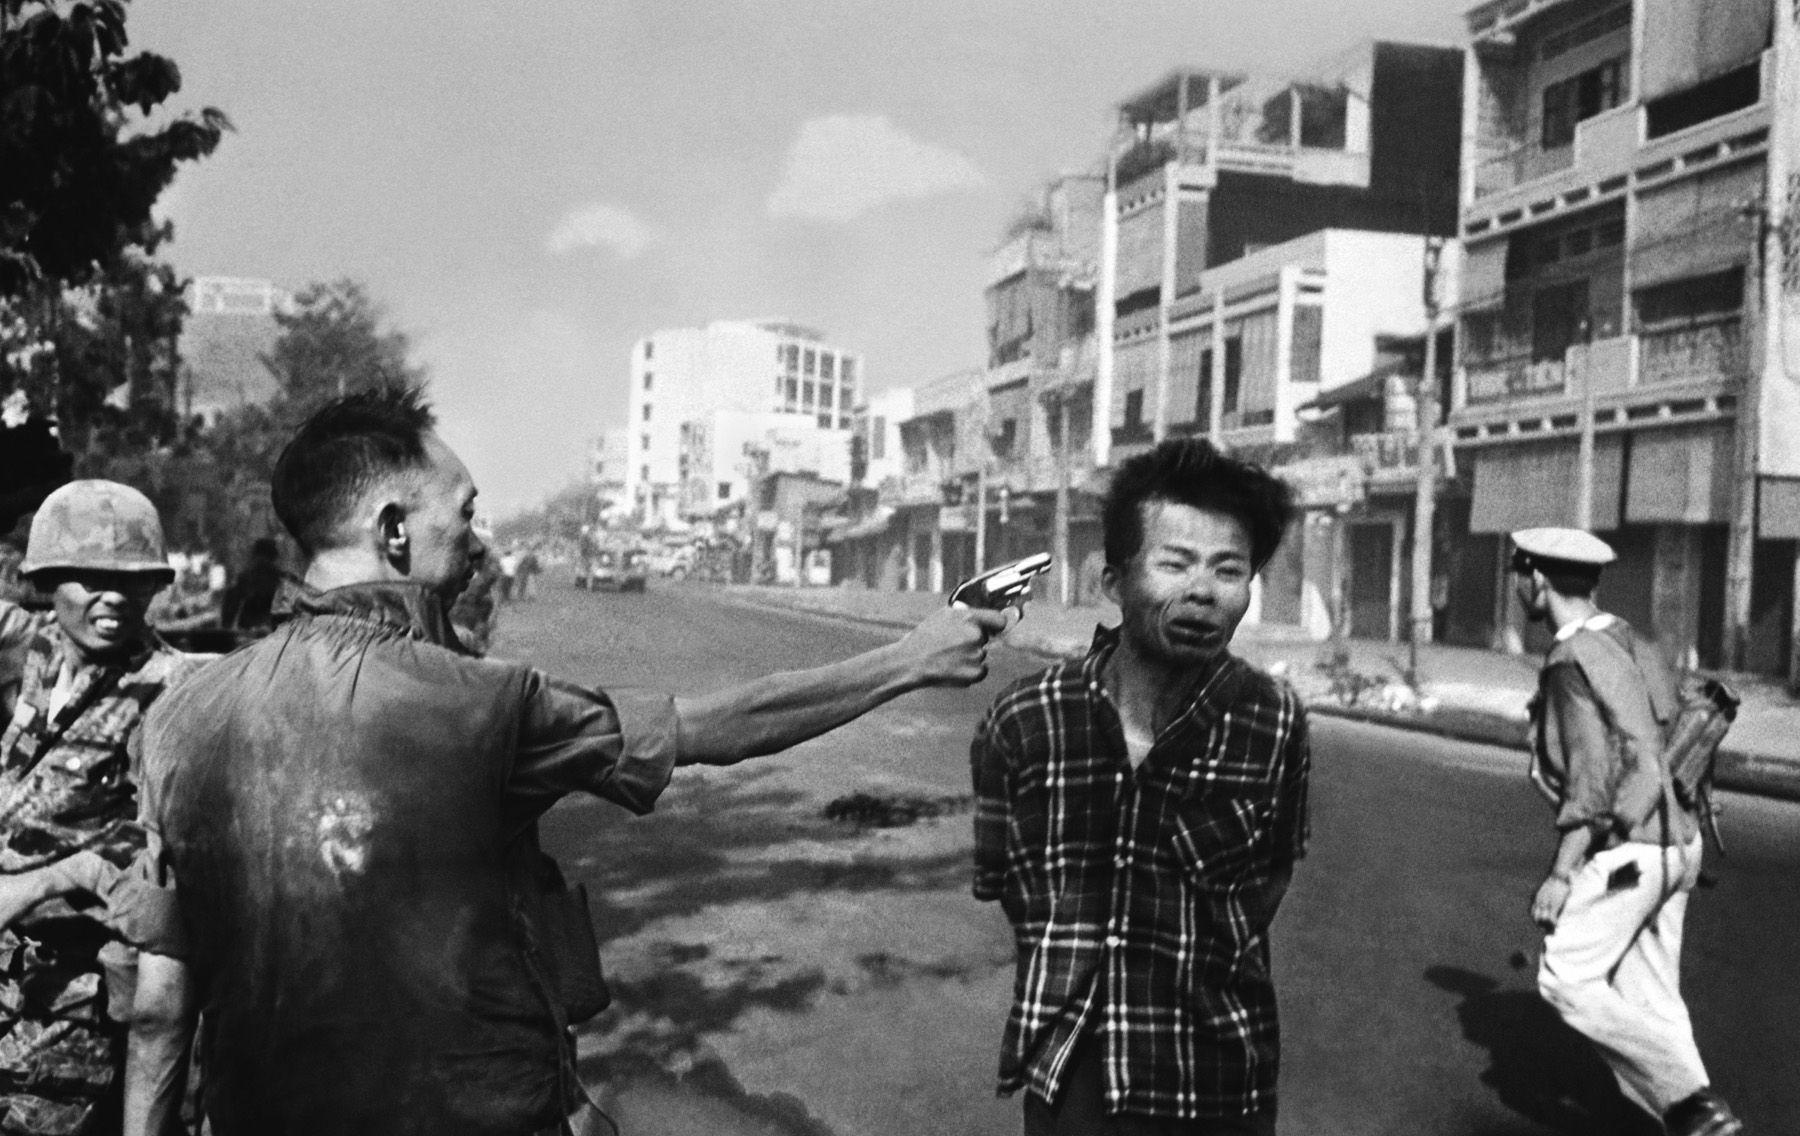 En esta fotografía se puede ver cómo general Nguyen Ngoc Loan, ejecuta a sangre fría disparando a Nguyen Van Lem, quién muestra el doloroso momento de la muerte en su rostro.  Esta imagen, dio la vuelta al mundo. Nguyen Van Lem, el ejecutado, no era un ciudadano cualquiera, sino un miembro activo del Vietcong. http://recuerdosdepandora.com/historia/la-historia-tras-la-ejecucion-de-saigon/